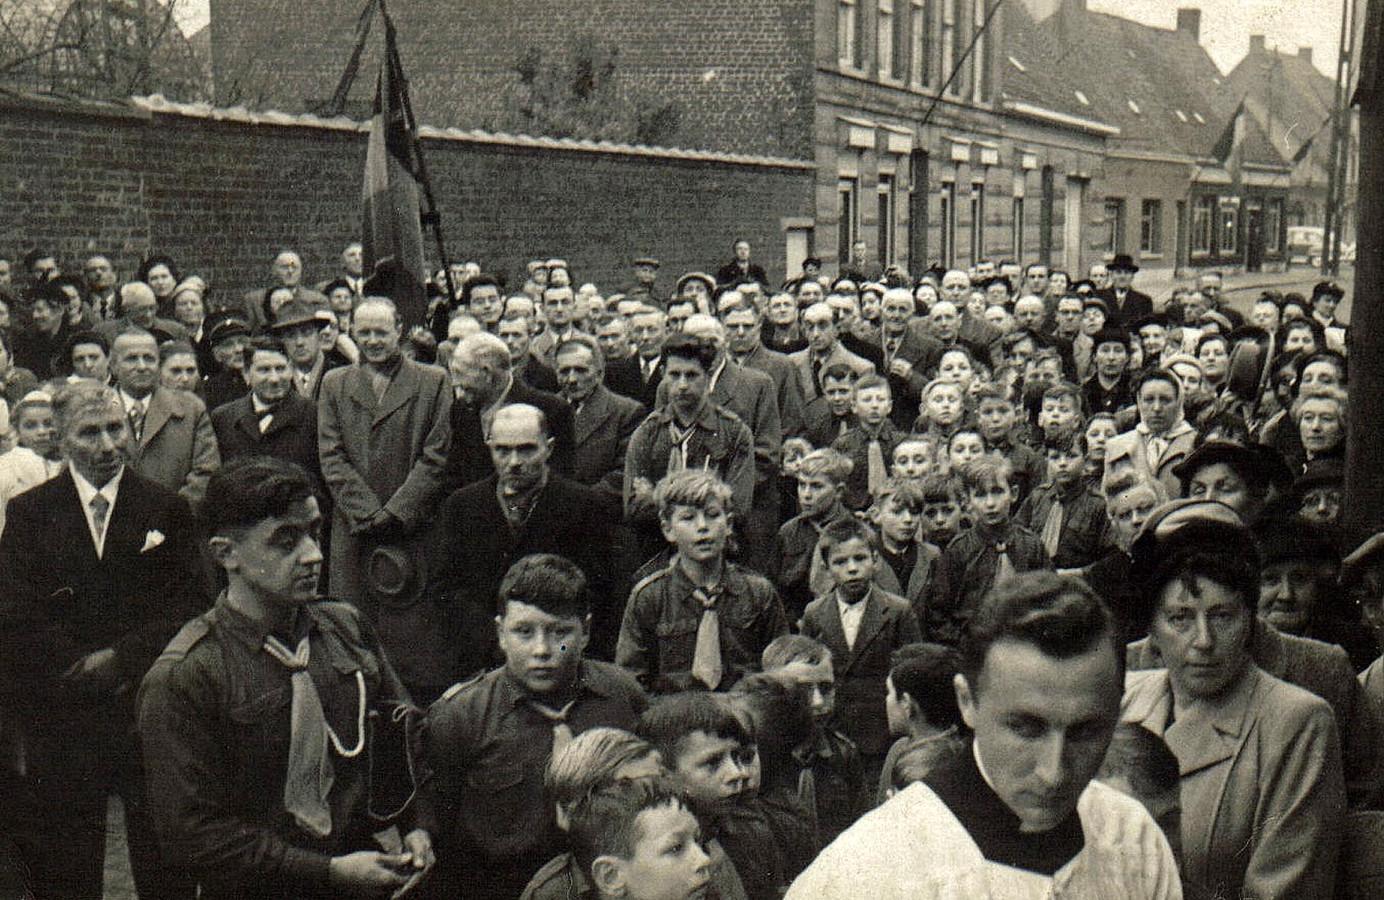 De inhuldiging van het parochiaal centrum in Kachtem in 1954.